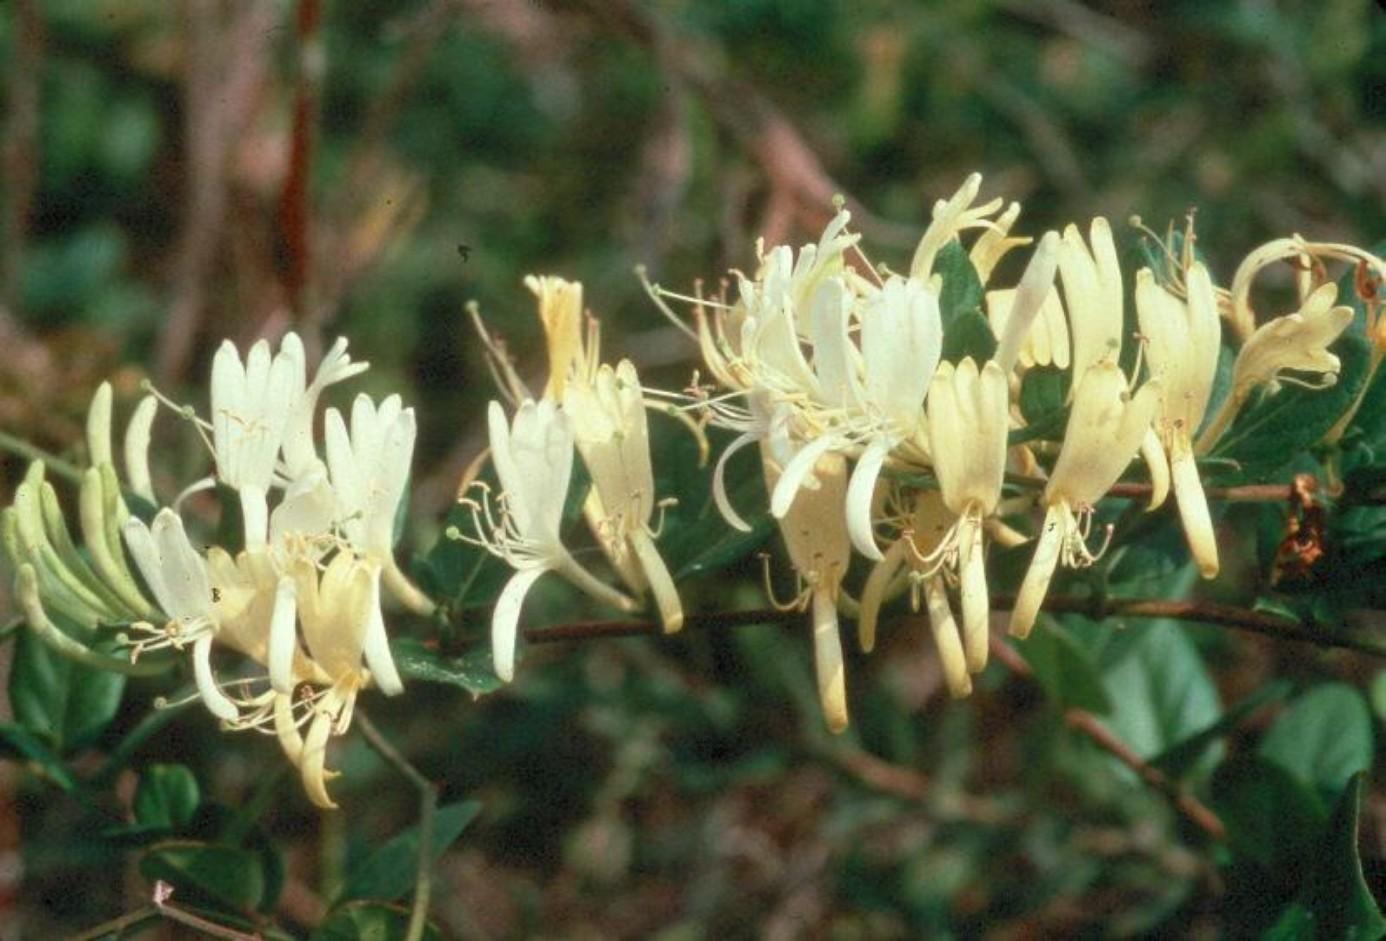 Lonicera japonica / Lonicera japonica